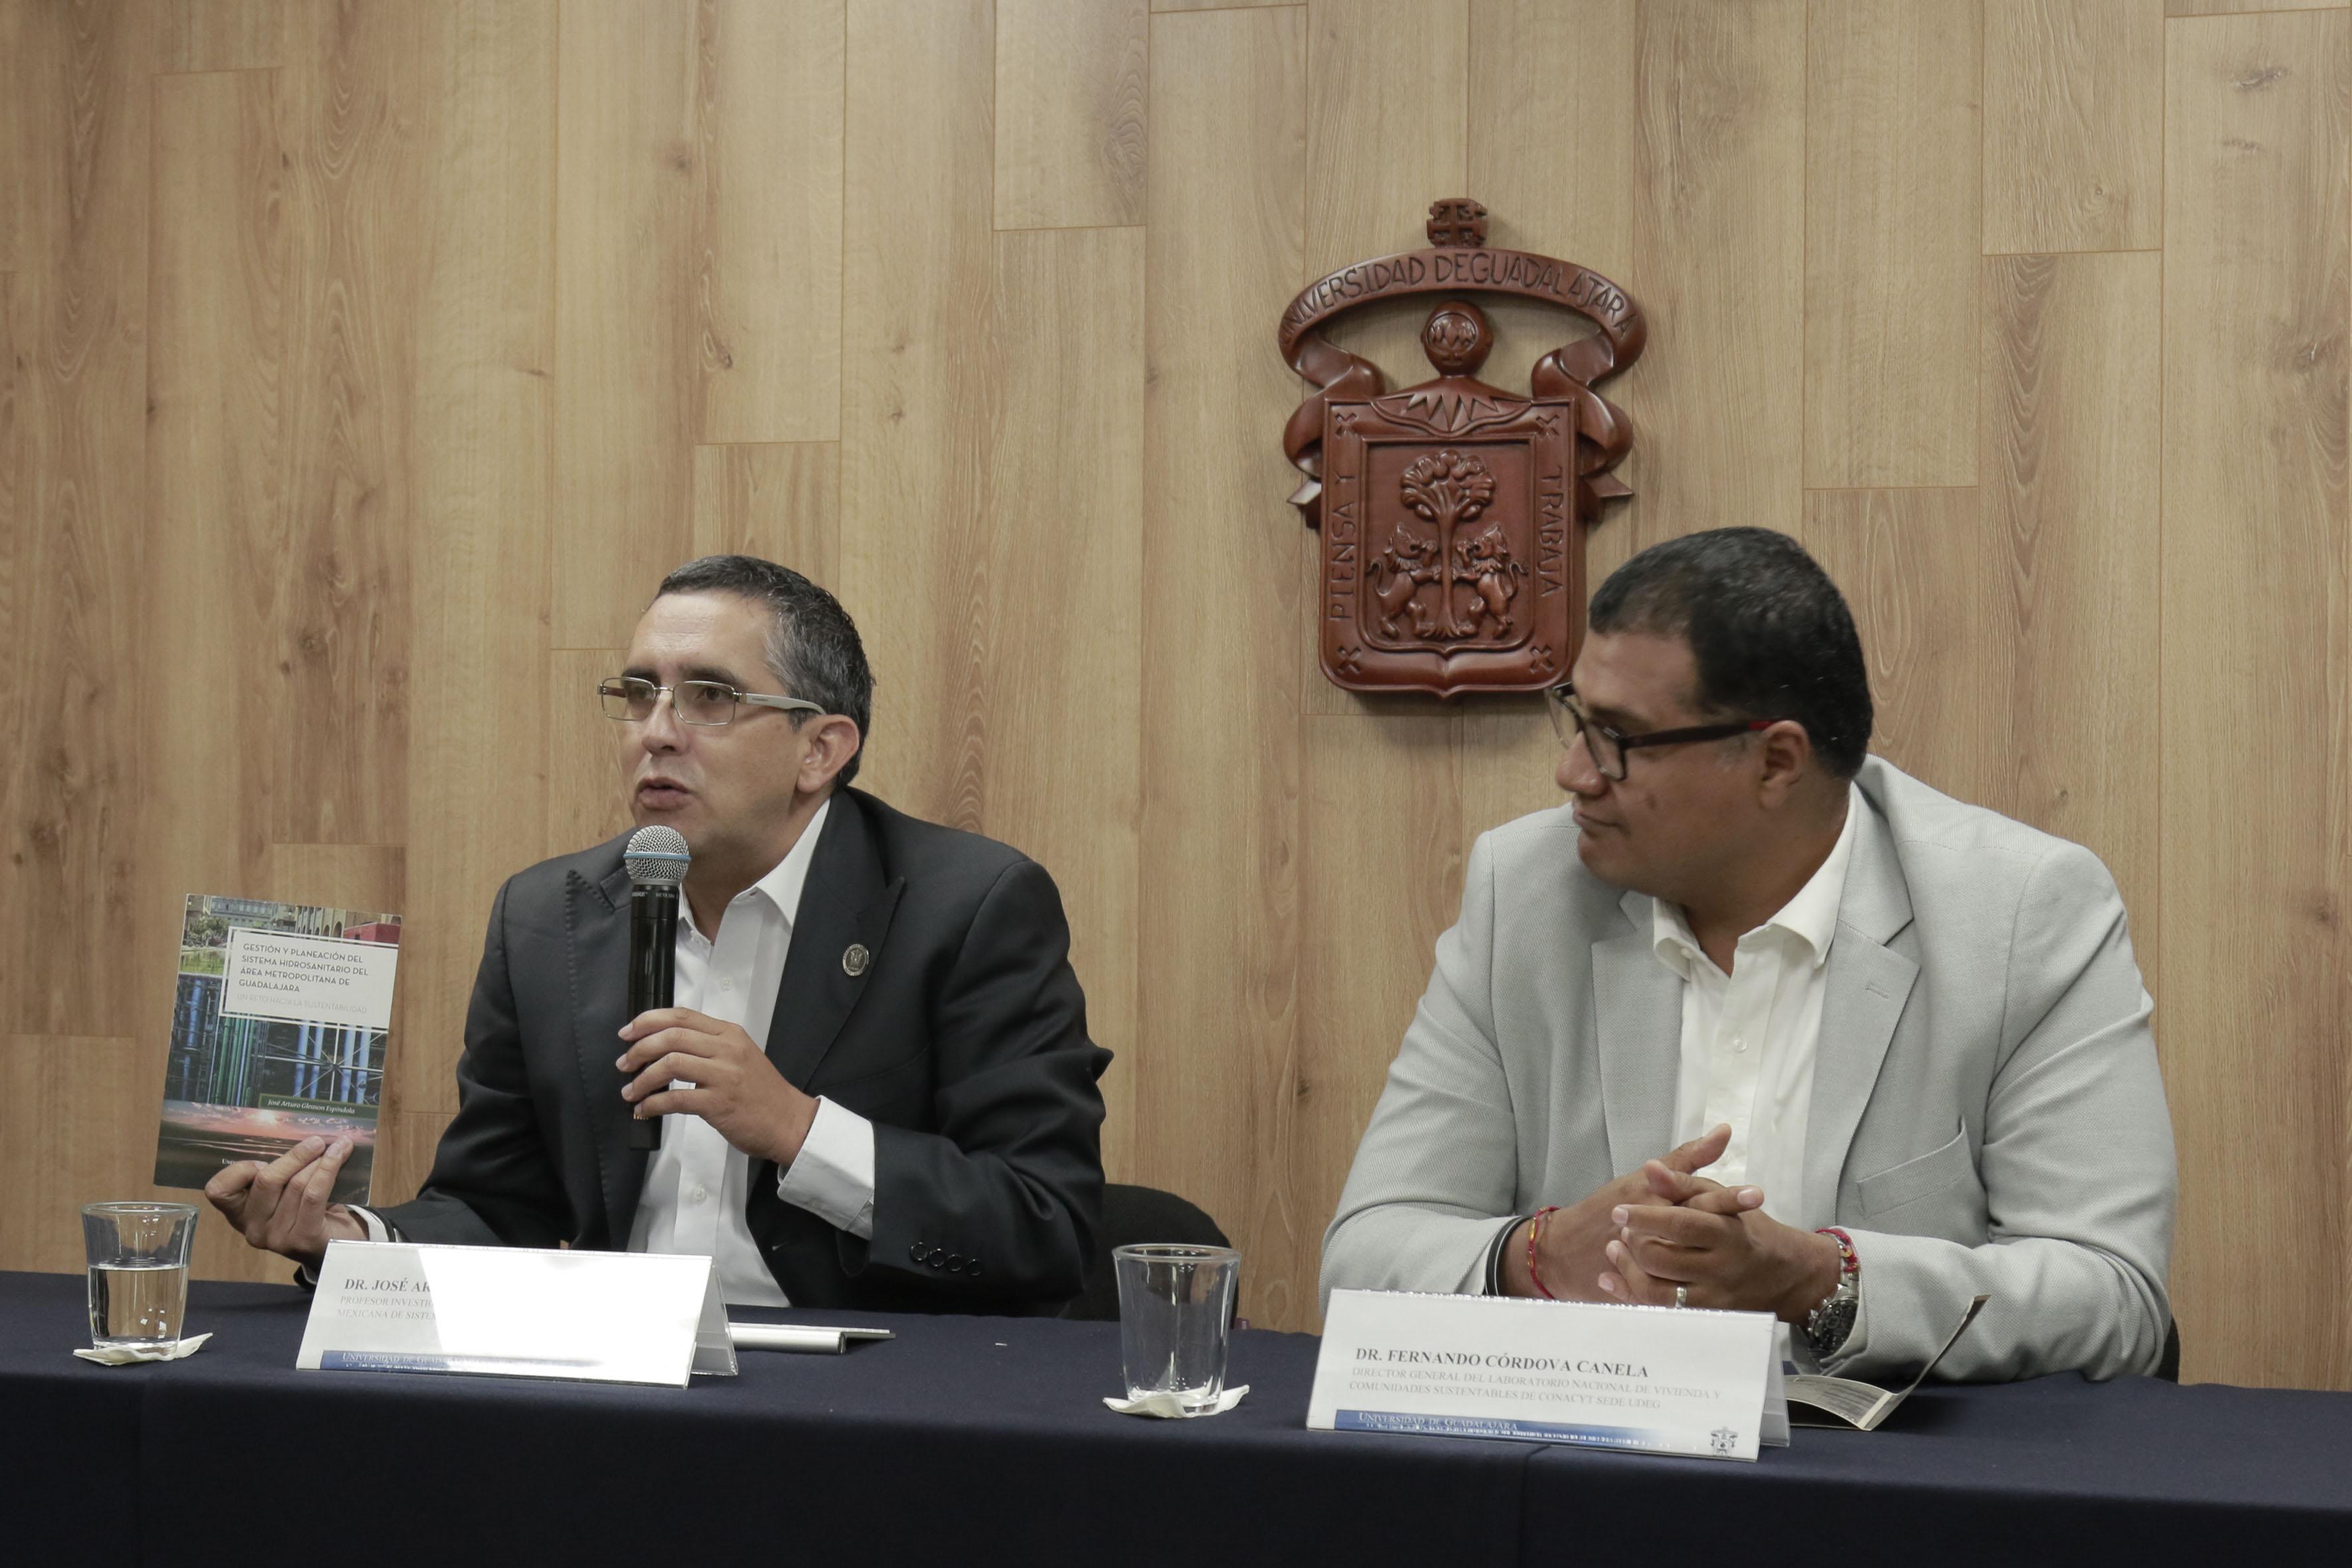 Dr. José Arturo Gleason Espíndola, investigador del Centro Universitario de Arte, Arquitectura y Diseño (CUAAD) y miembro de la Asociación Mexicana de Sistemas de Captación de Agua de Lluvia, haciendo uso de la palabra